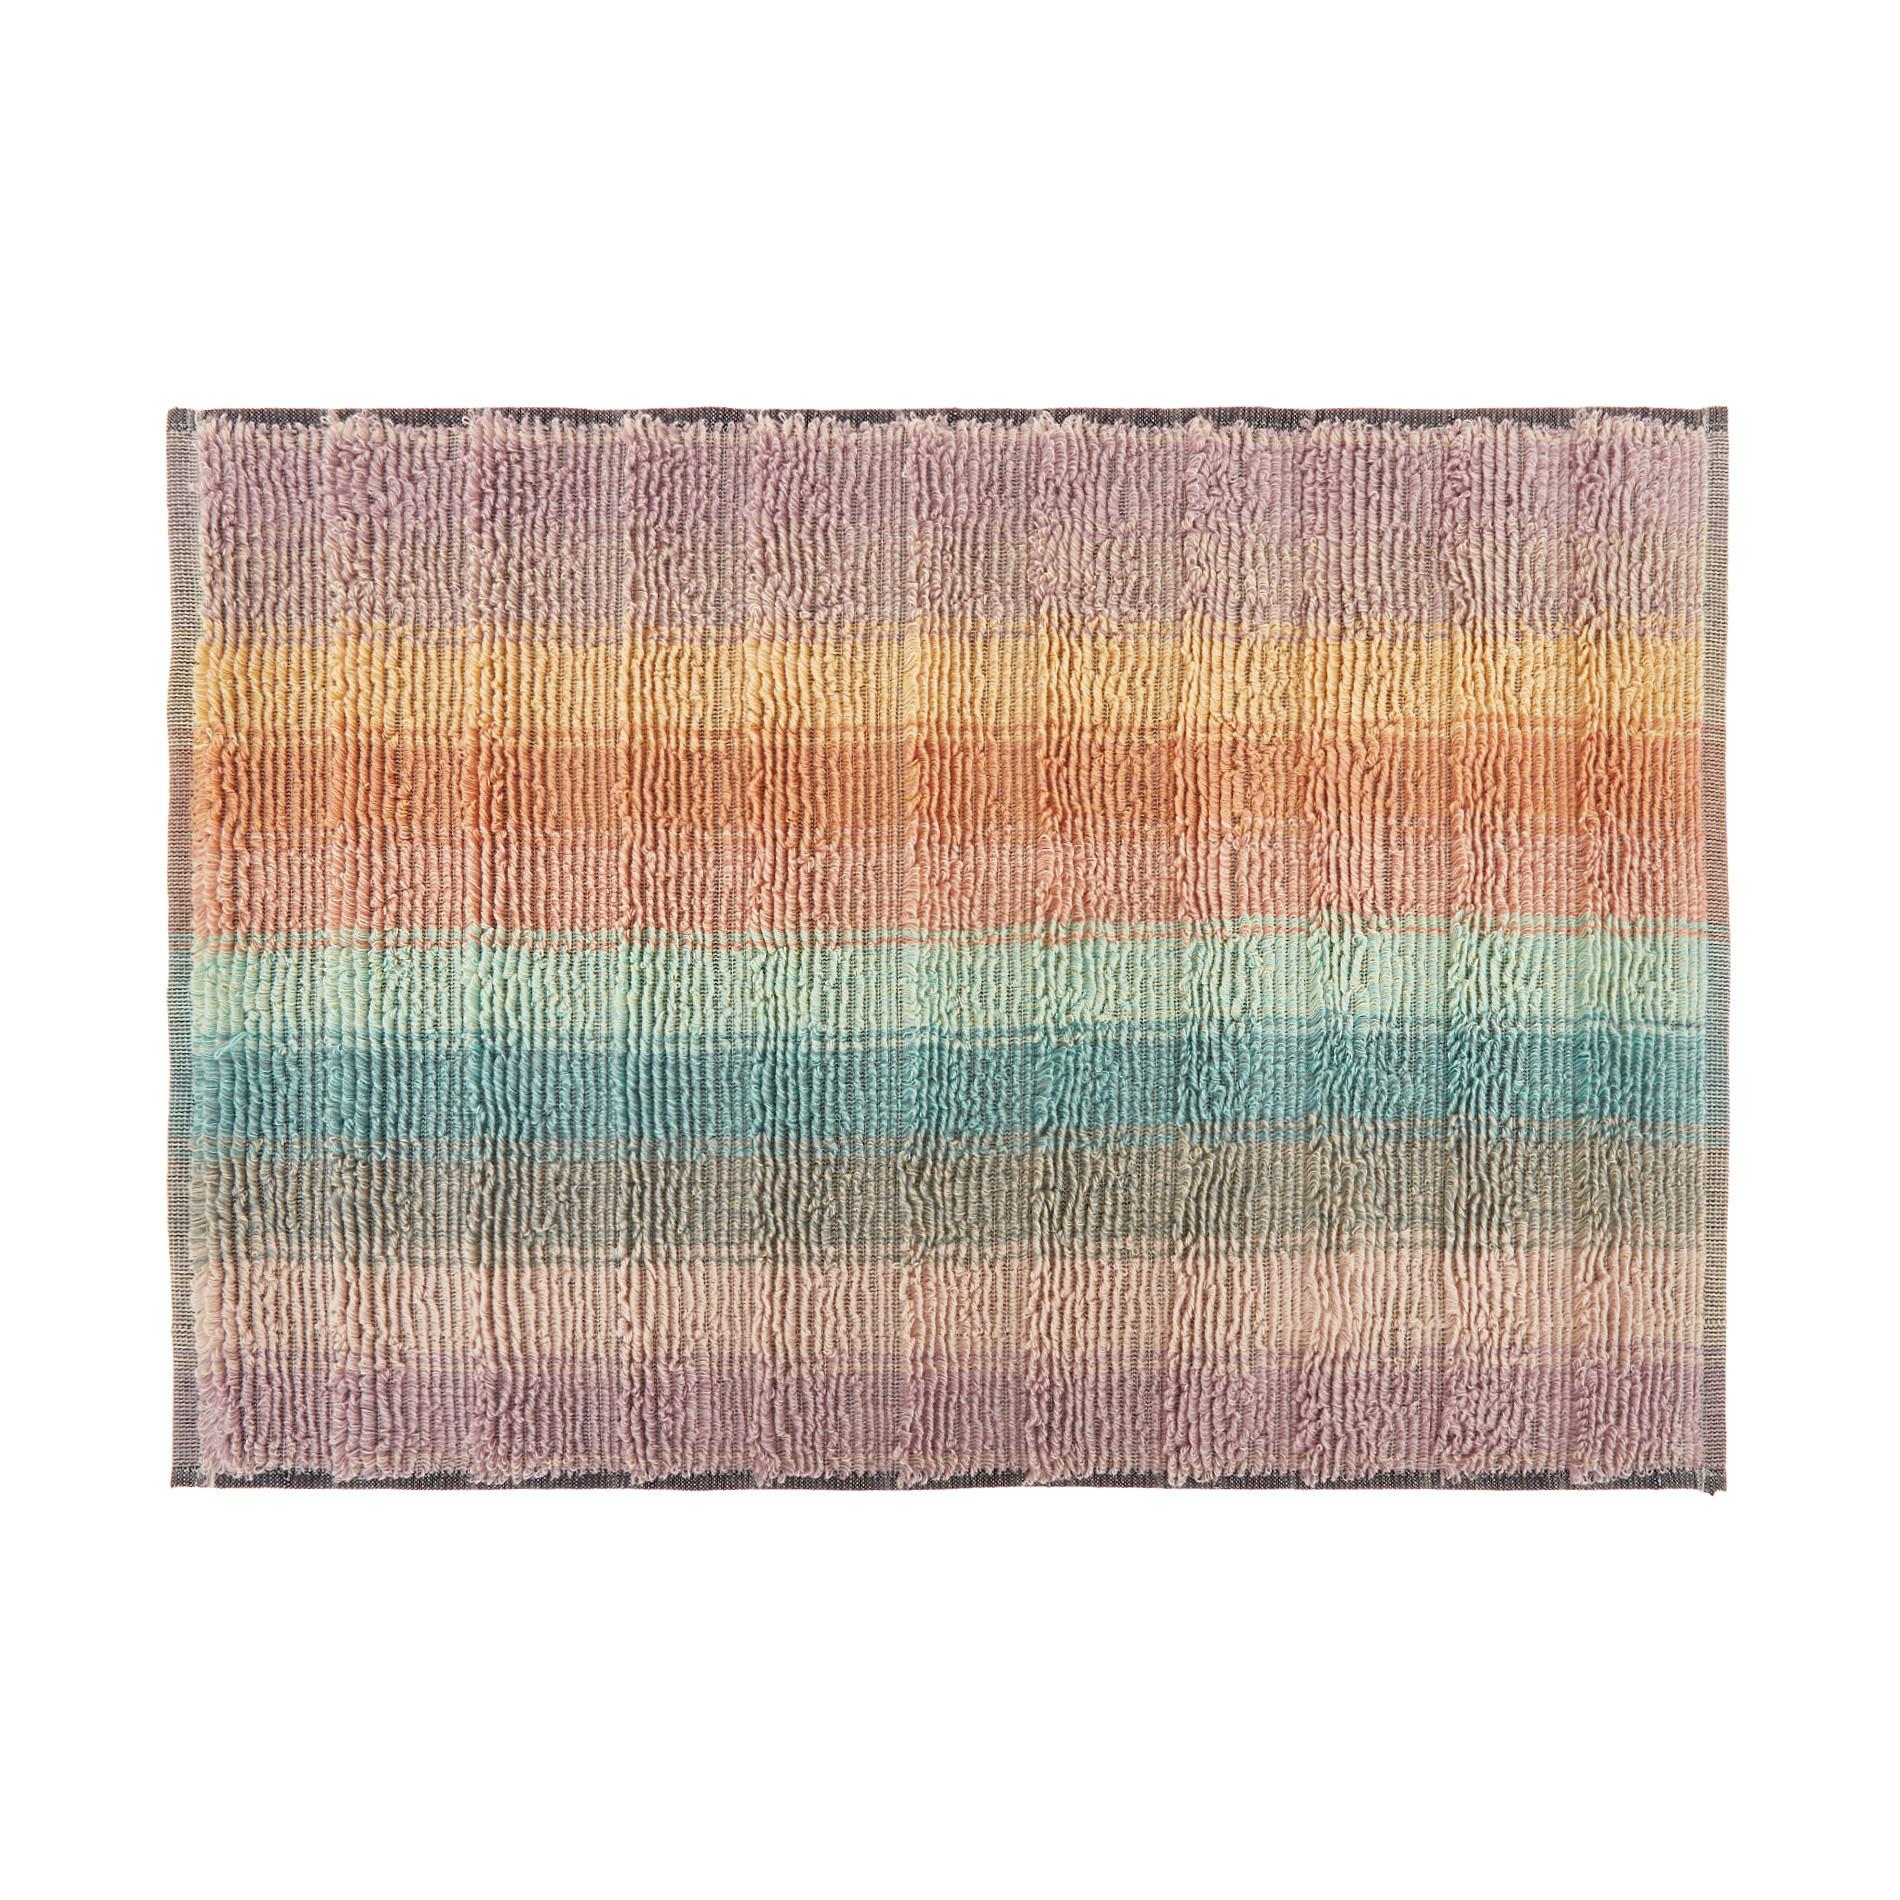 Asciugamano spugna di cotone a righe, Multicolor, large image number 1